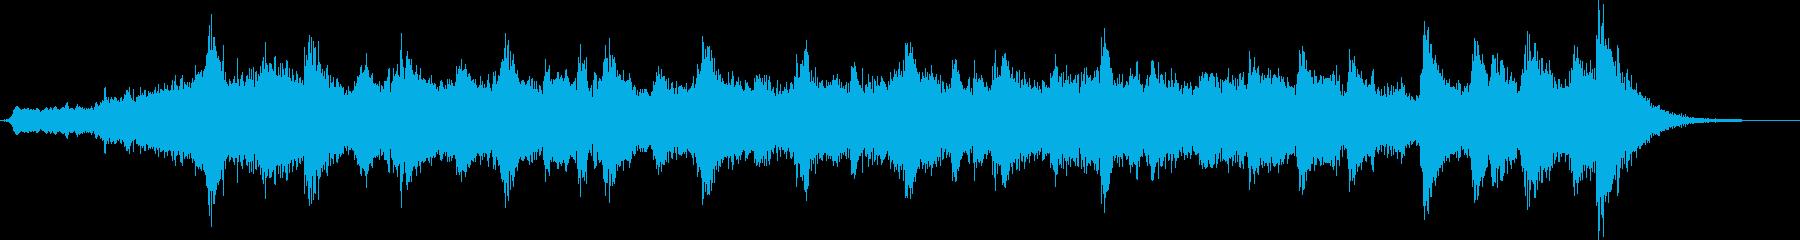 イージーリスニングオーケストライン...の再生済みの波形